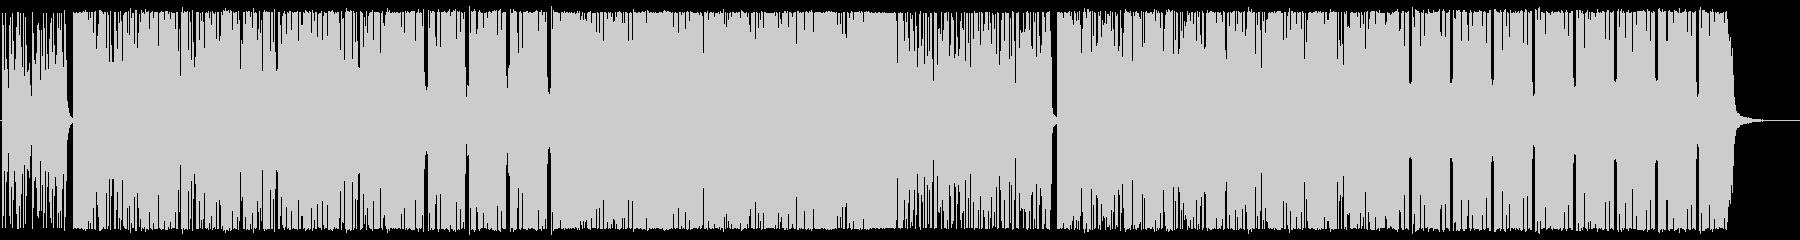 スラップベースが主役のノリノリなBGMの未再生の波形